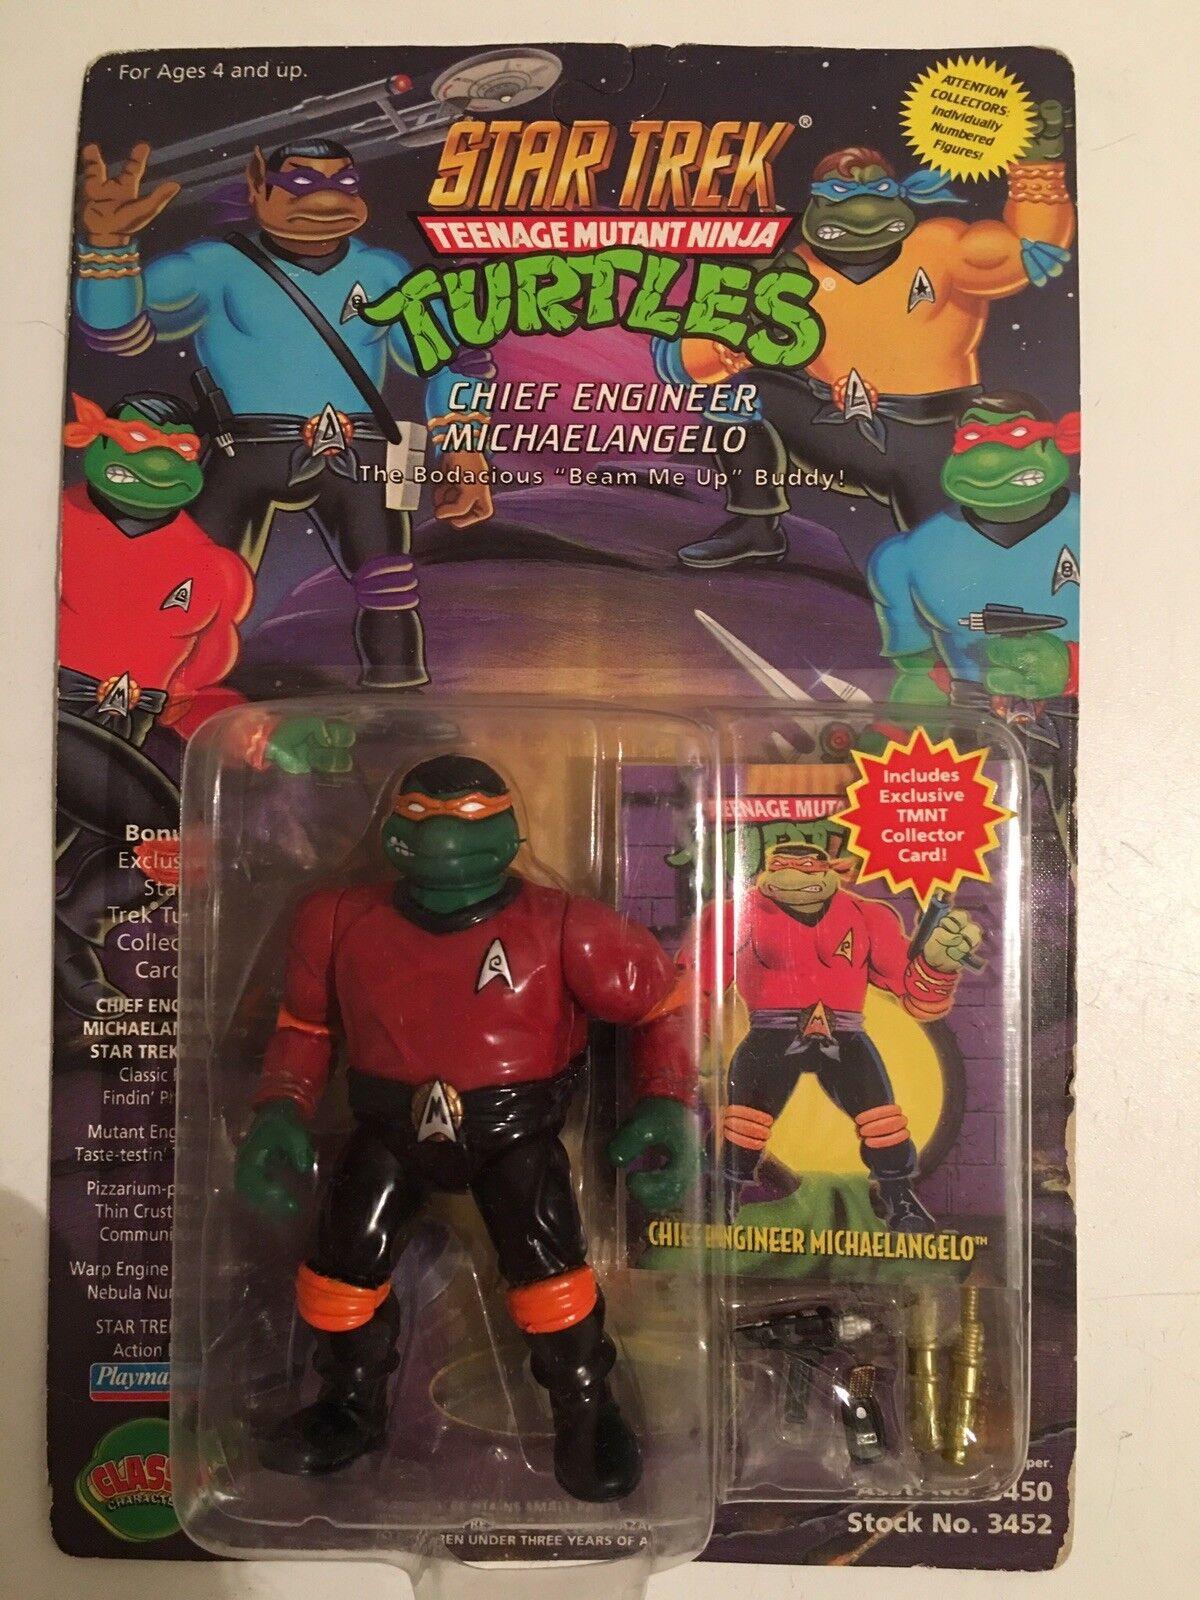 Teenage mutant ninja turtles. abbildung auf der karte michelangelo als scotty